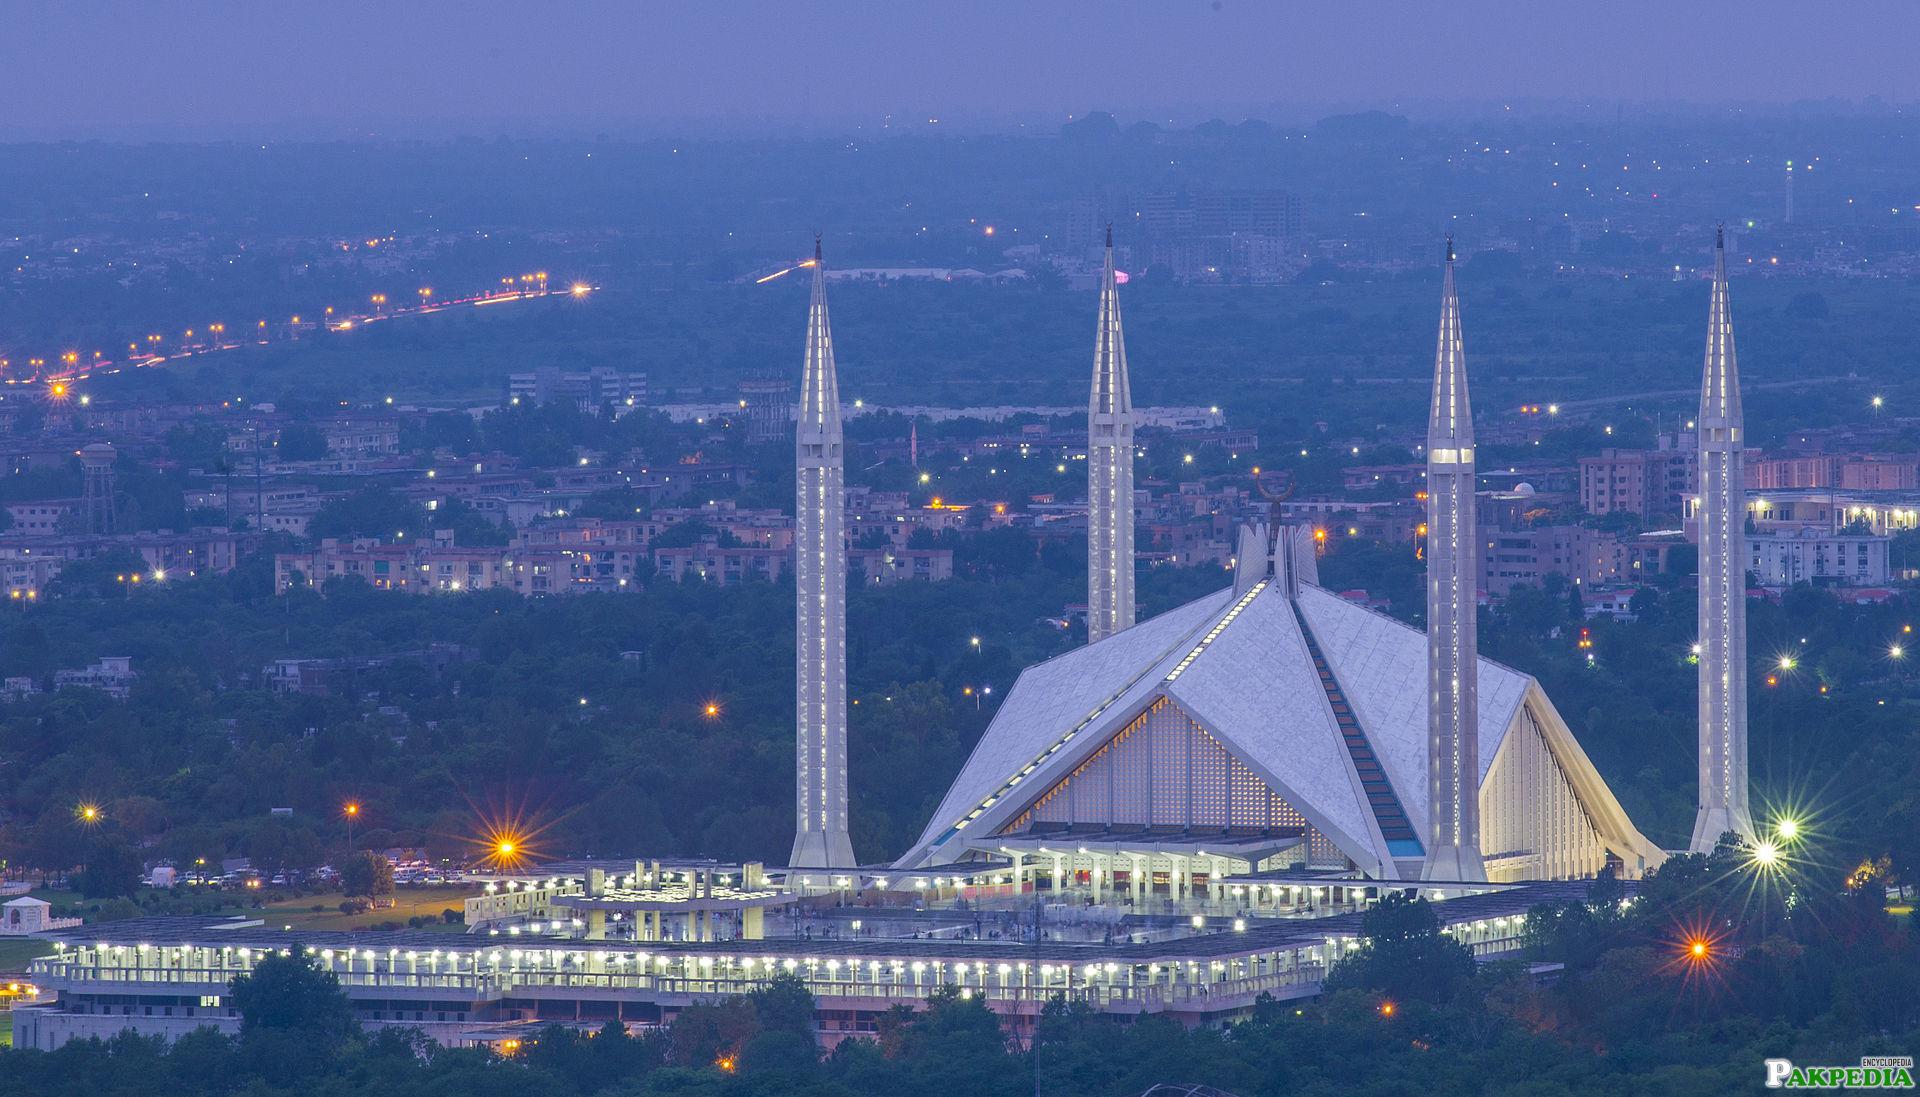 Faisal Masjid in Islamabad